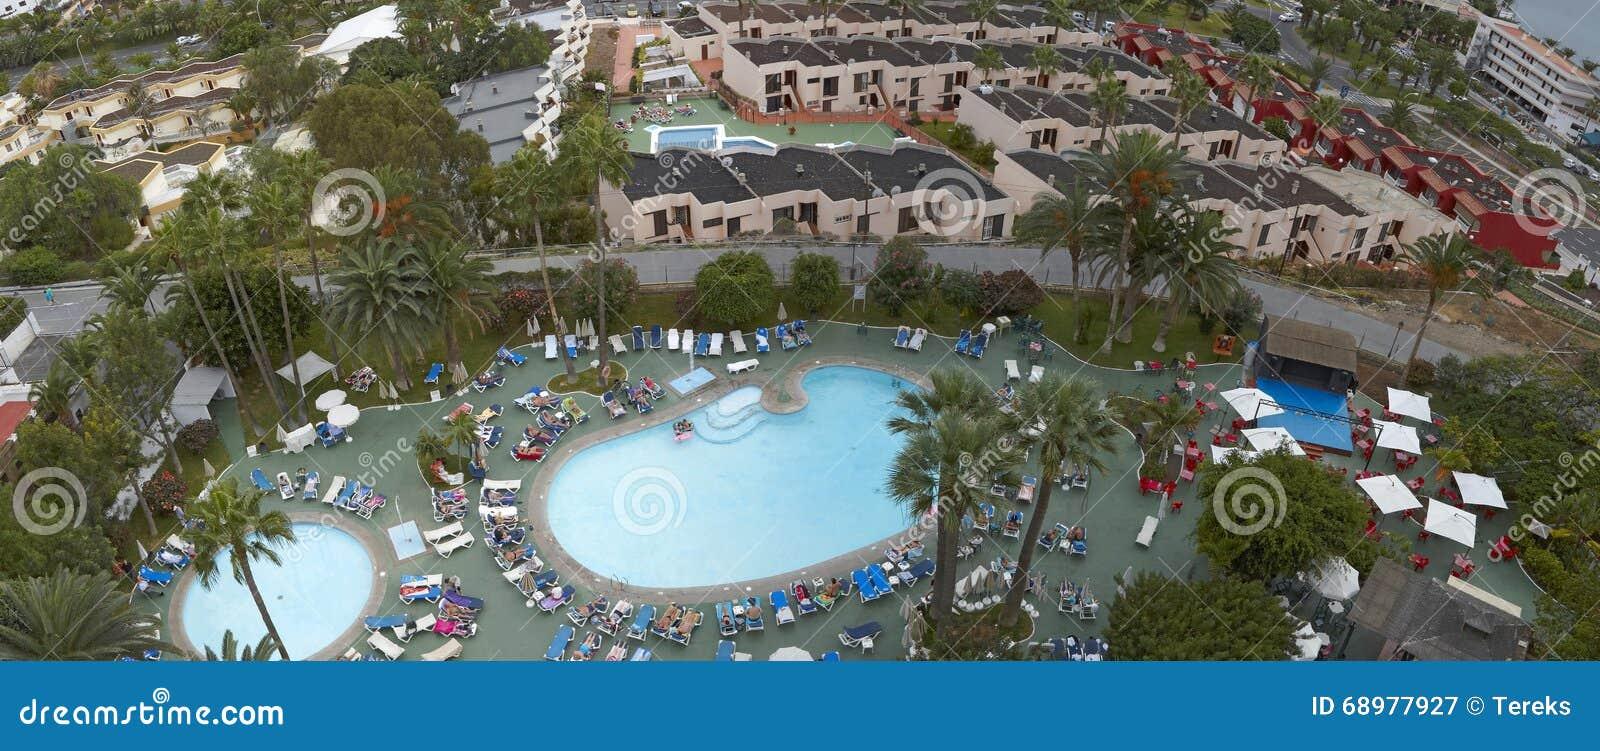 Πανόραμα της πισίνας σε ένα από τα ξενοδοχεία Tenerife, Κανάρια νησιά, Ισπανία